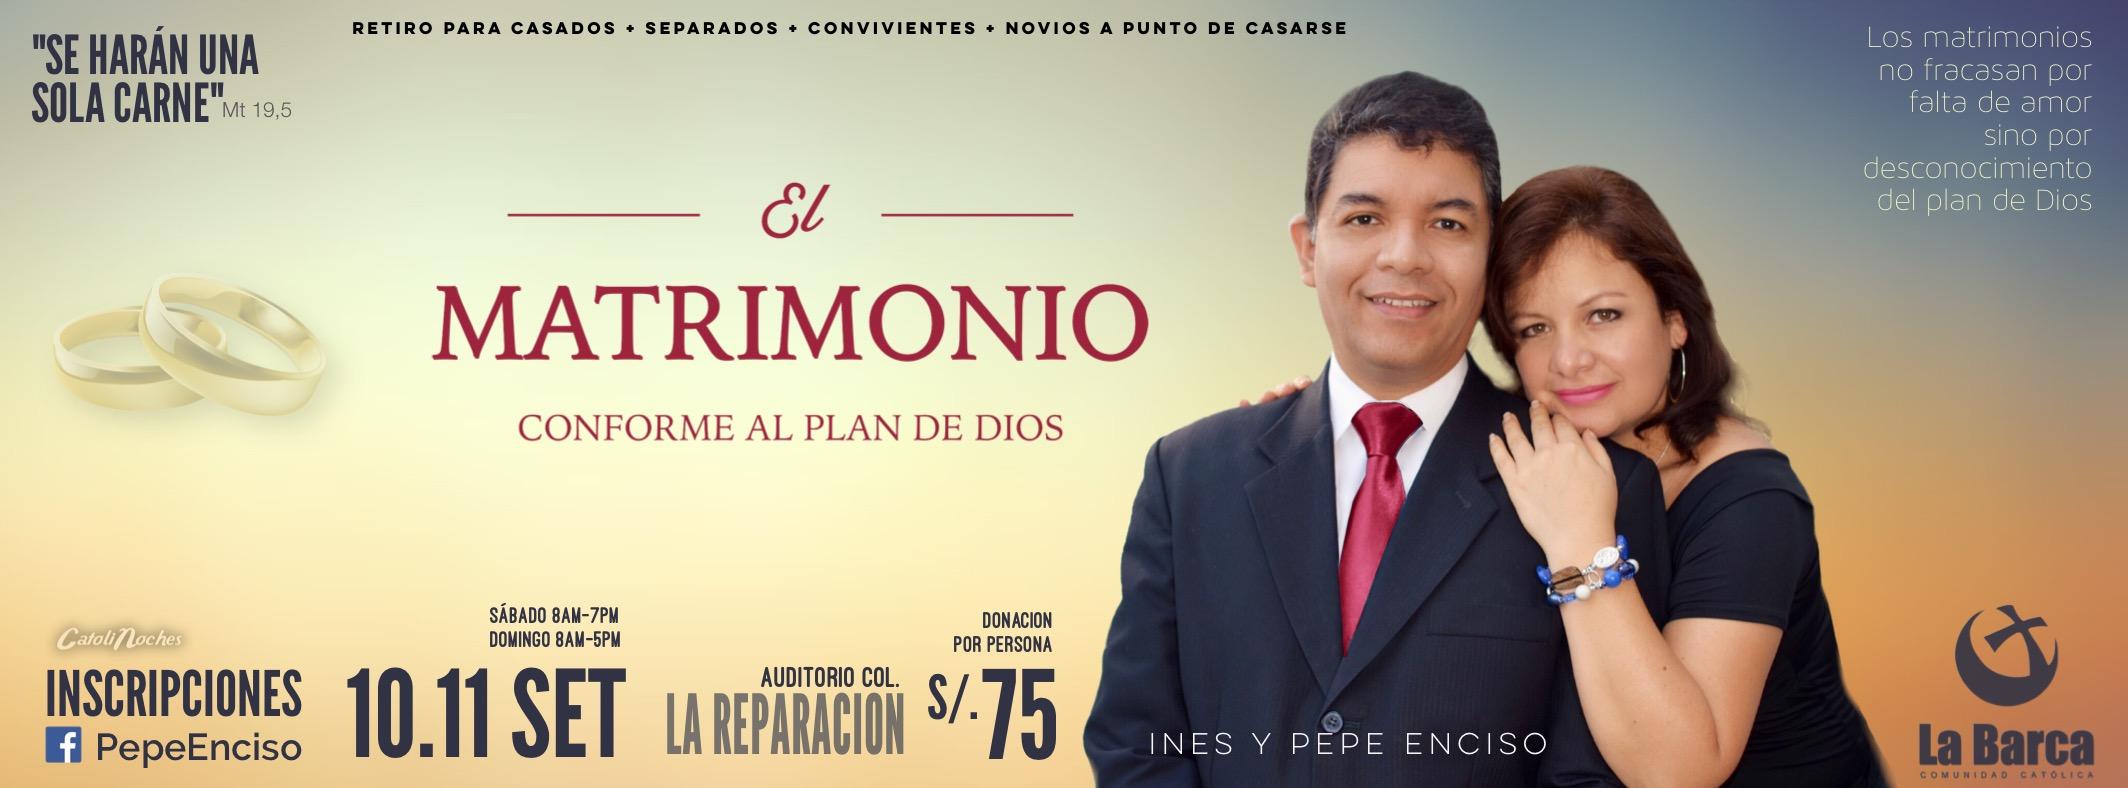 El Matrimonio Conforme al Plan de Dios